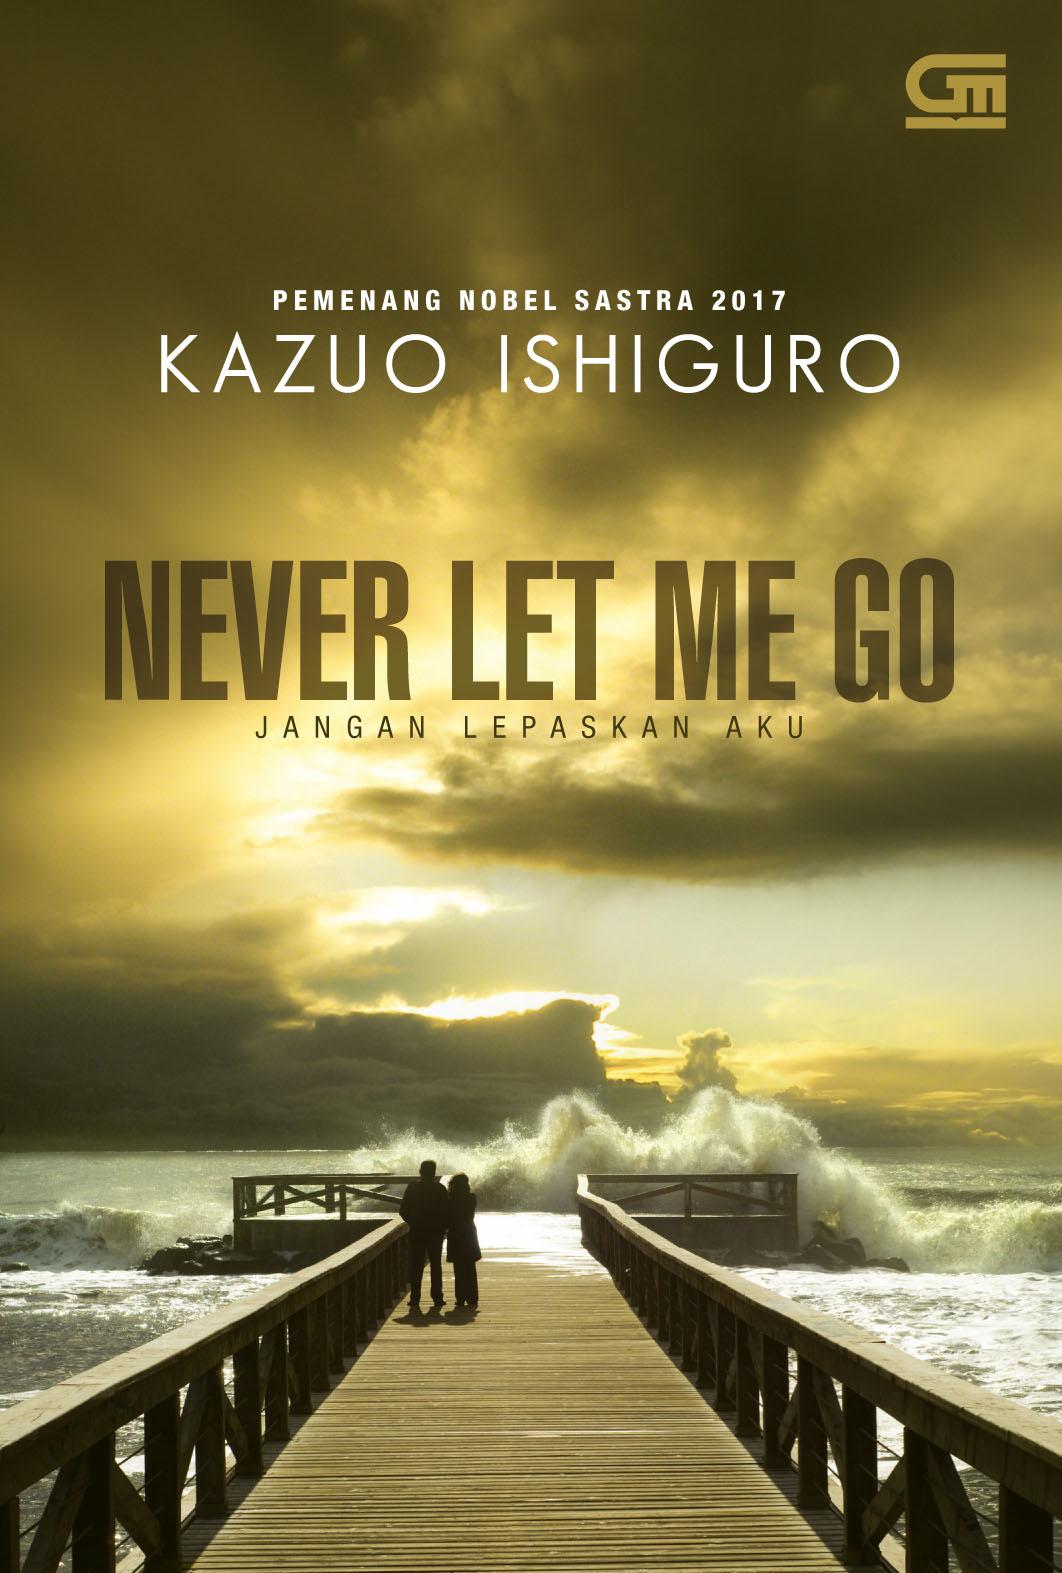 Jangan Lepaskan Aku (Never Let Me Go)